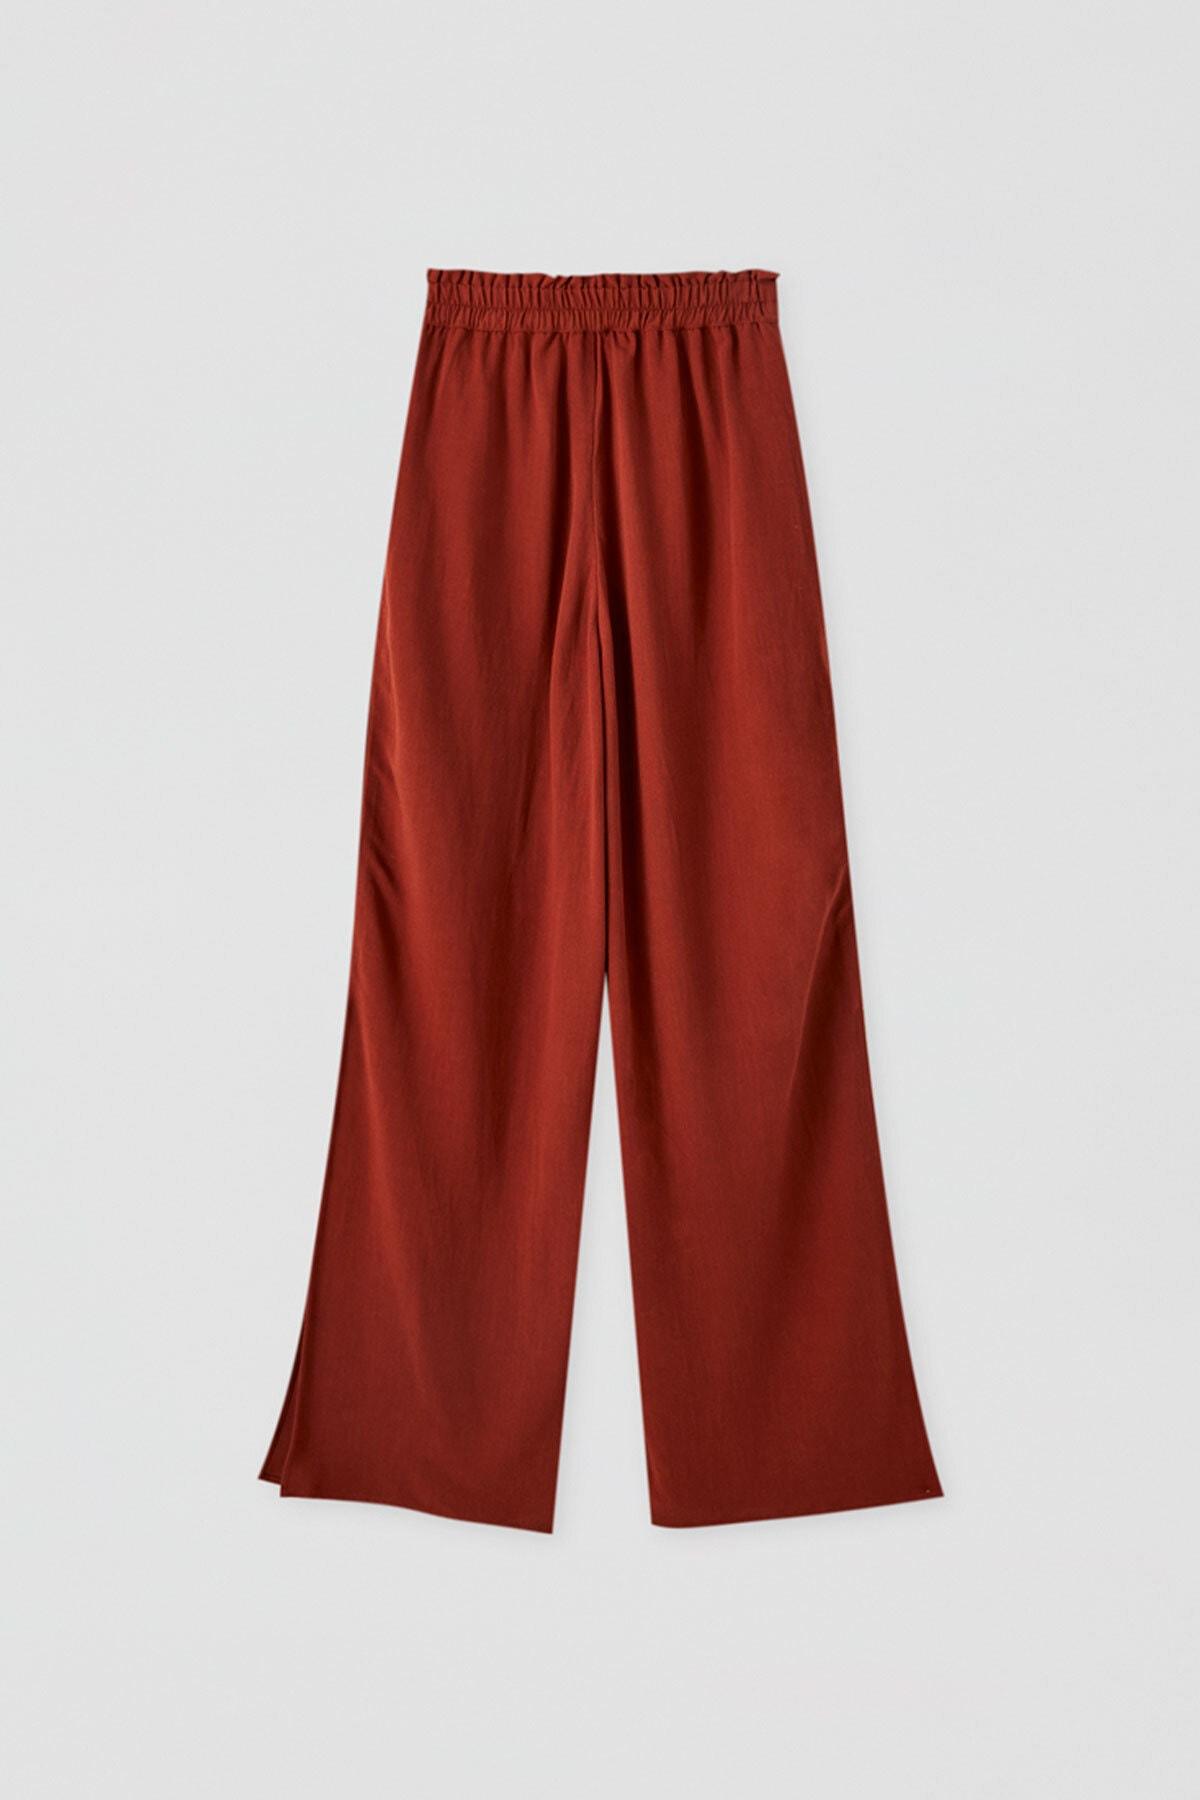 Pull & Bear Kadın Terrakota Elastik Belli Dökümlü Pantolon 09672308 3